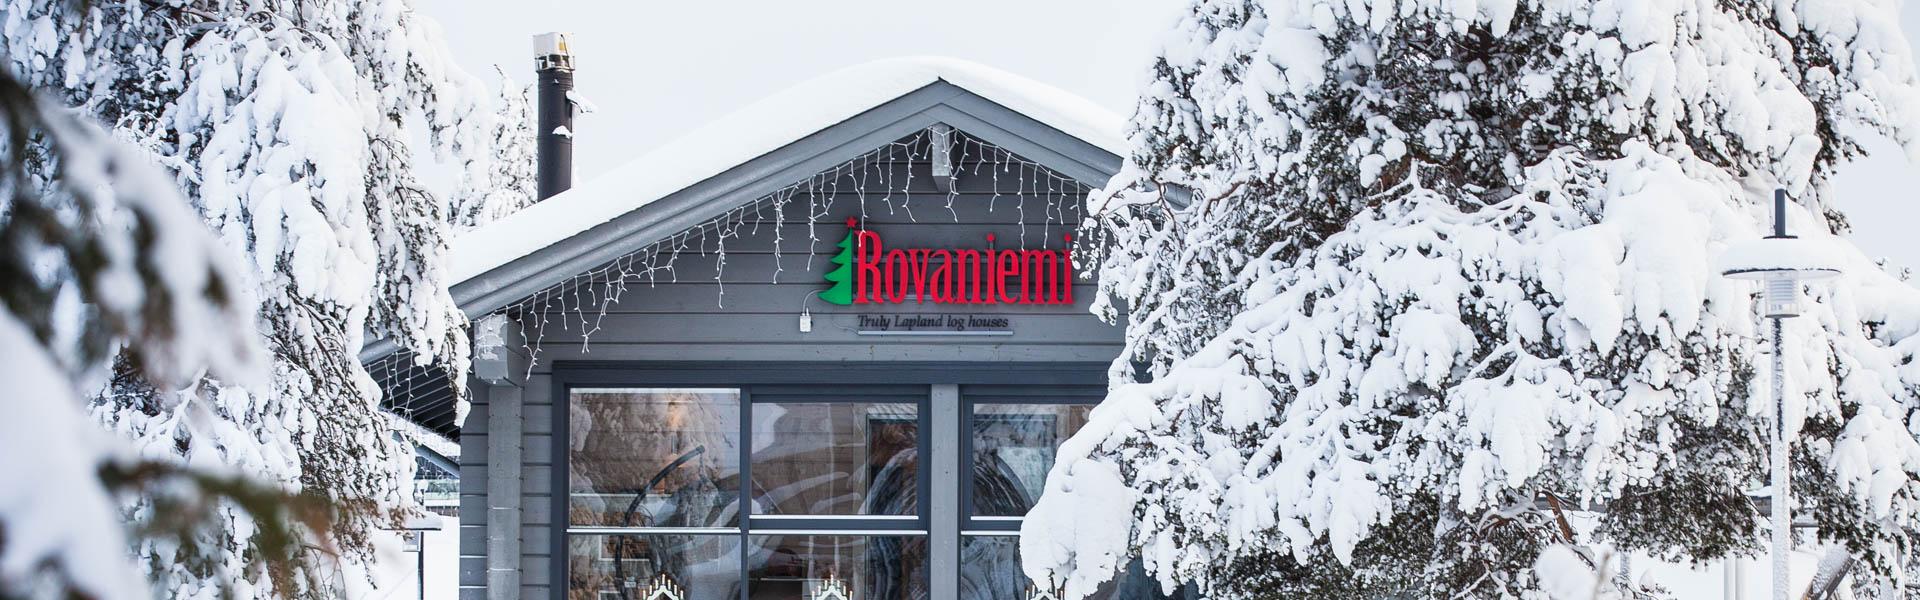 Bureau de fournisseur Rovaniemi maison en bois sur Cercle Polaire en Laponie.